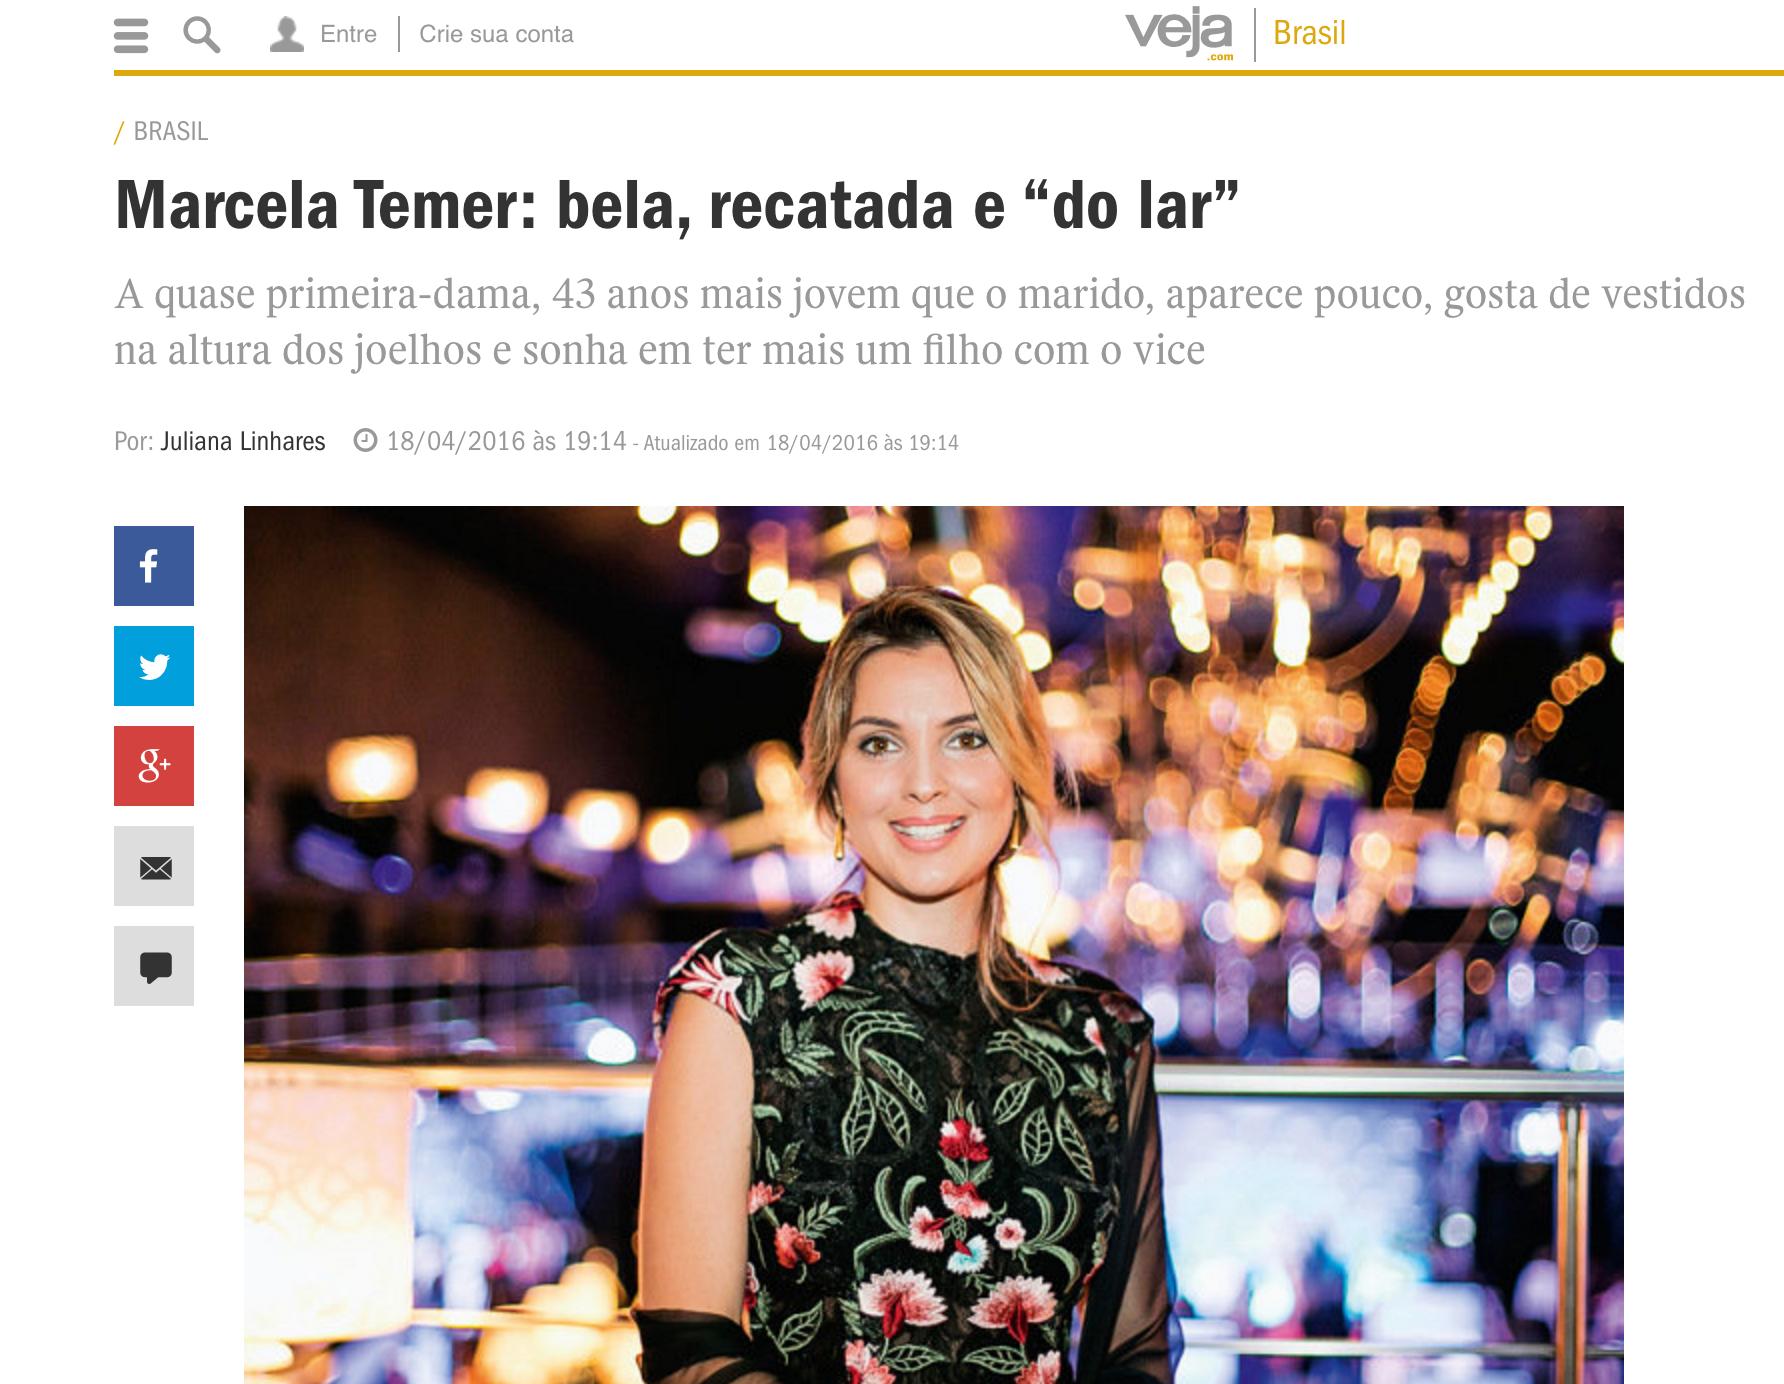 Bela, recatada e do lar: matéria machista da Veja sobre Marcela Temer.